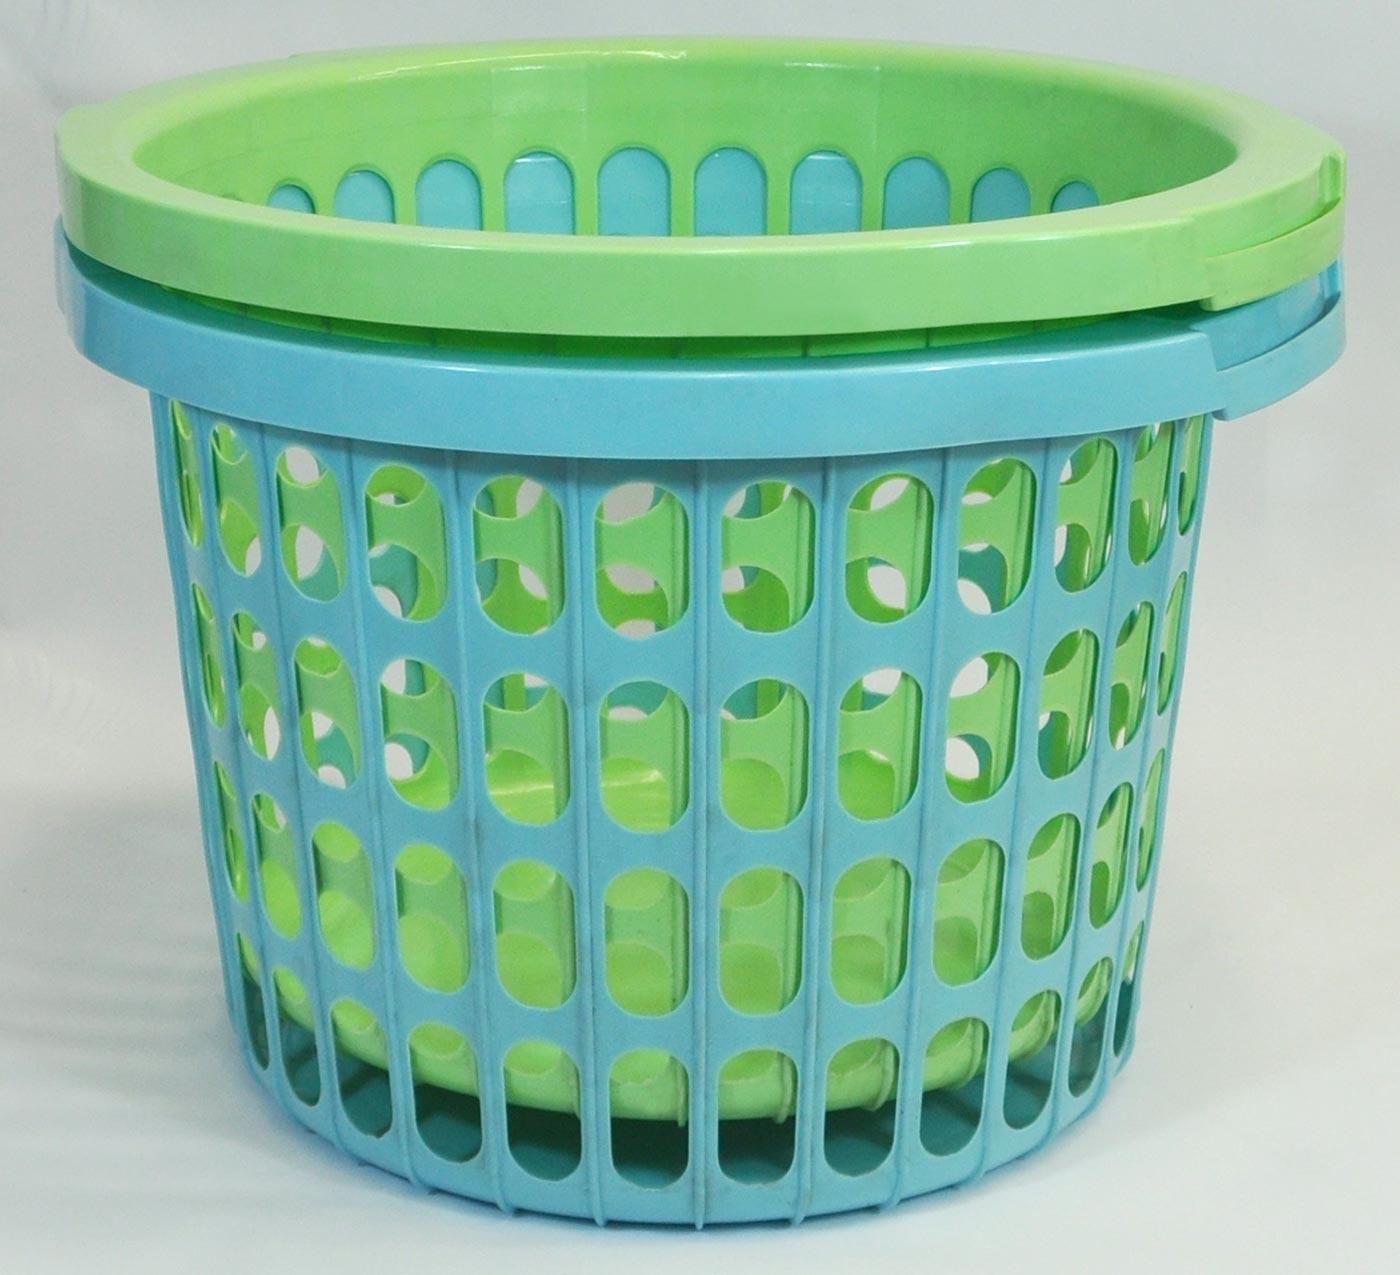 Sammelbehälter Wäschekorb Wäschesammler Wäschebehälter Korb Plastik Aufbewahrung eBay